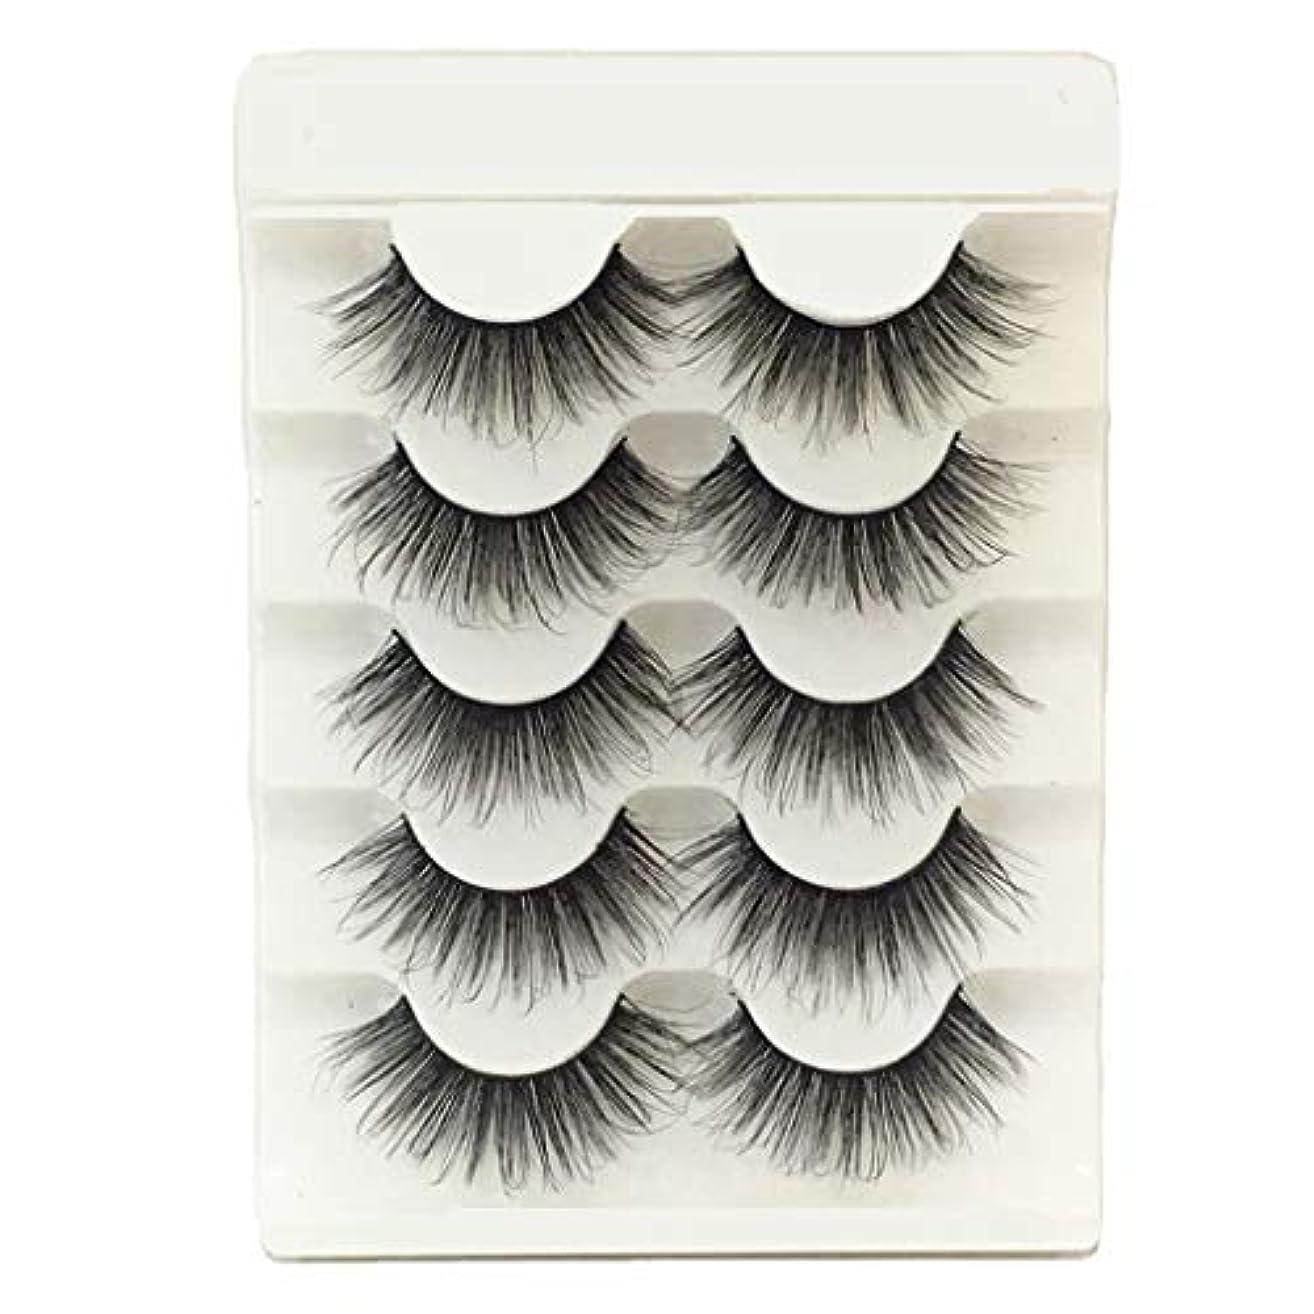 前置詞抑圧まもなくFeteso 5ペア つけまつげ 上まつげ Eyelashes アイラッシュ ビューティー まつげエクステ レディース 化粧ツール アイメイクアップ 人気 ナチュラル 飾り 柔らかい 装着簡単 綺麗 濃密 再利用可能